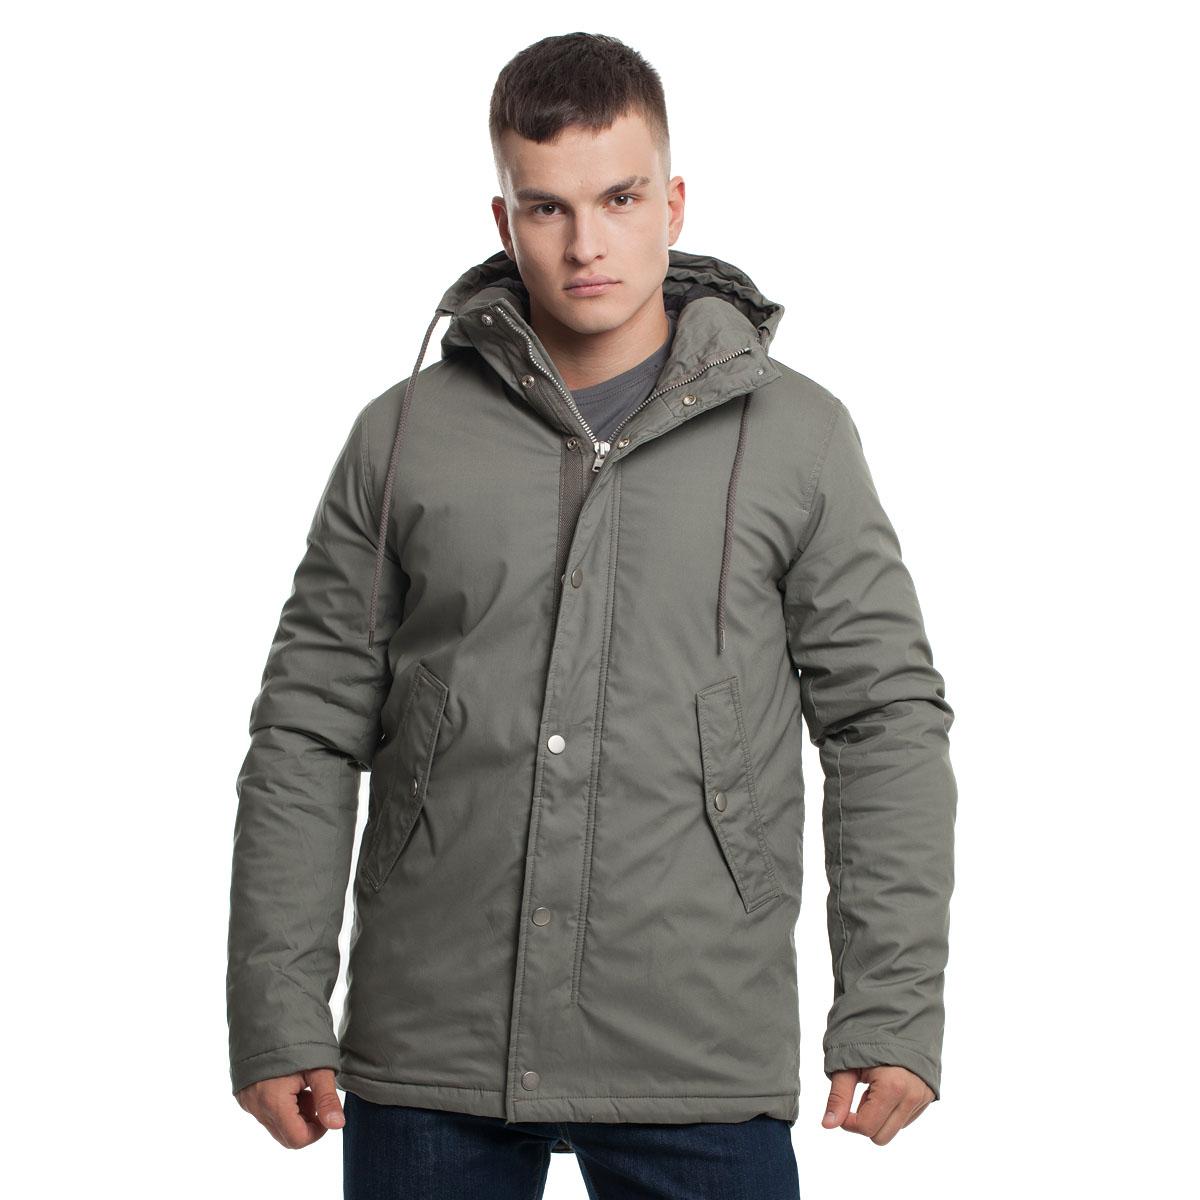 Куртка демисезонная Sevenext, 4805 блузон короткий с застежкой на молнию демисезонная модель